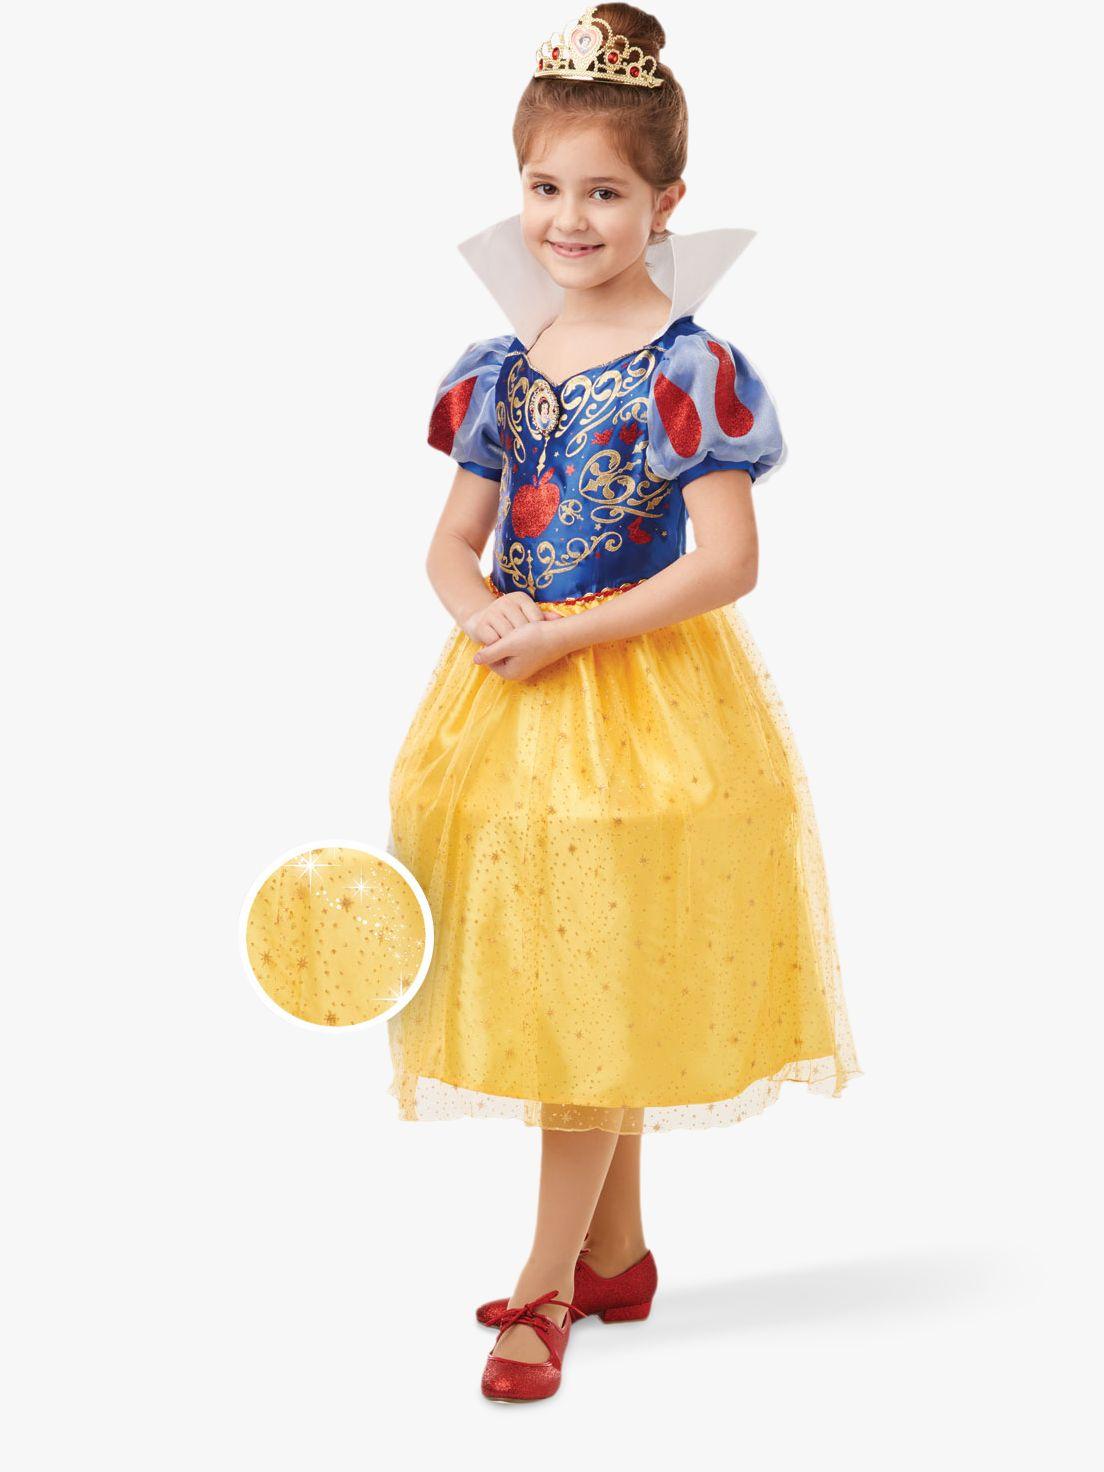 Rubies Disney Princess Snow White Children's Costume, 5-6 years